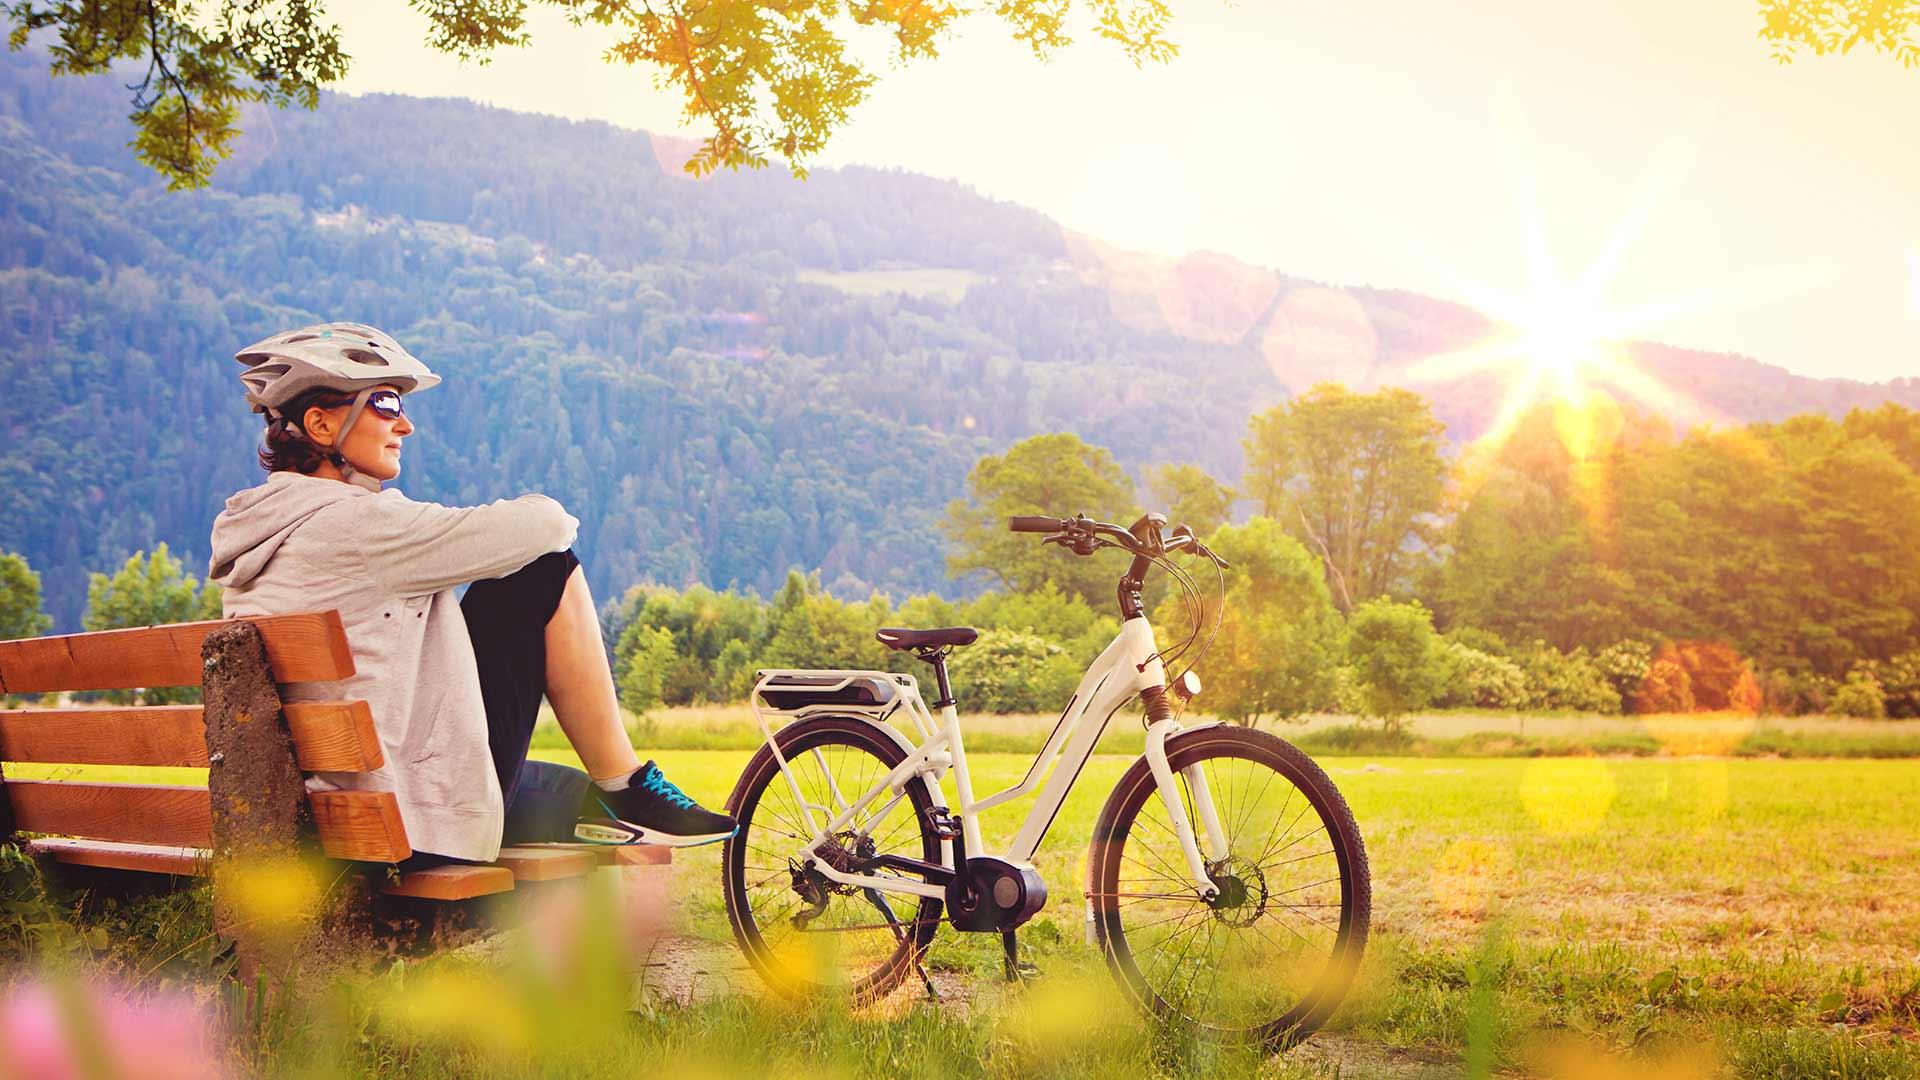 Vacanze in bici a Merano e dintorni